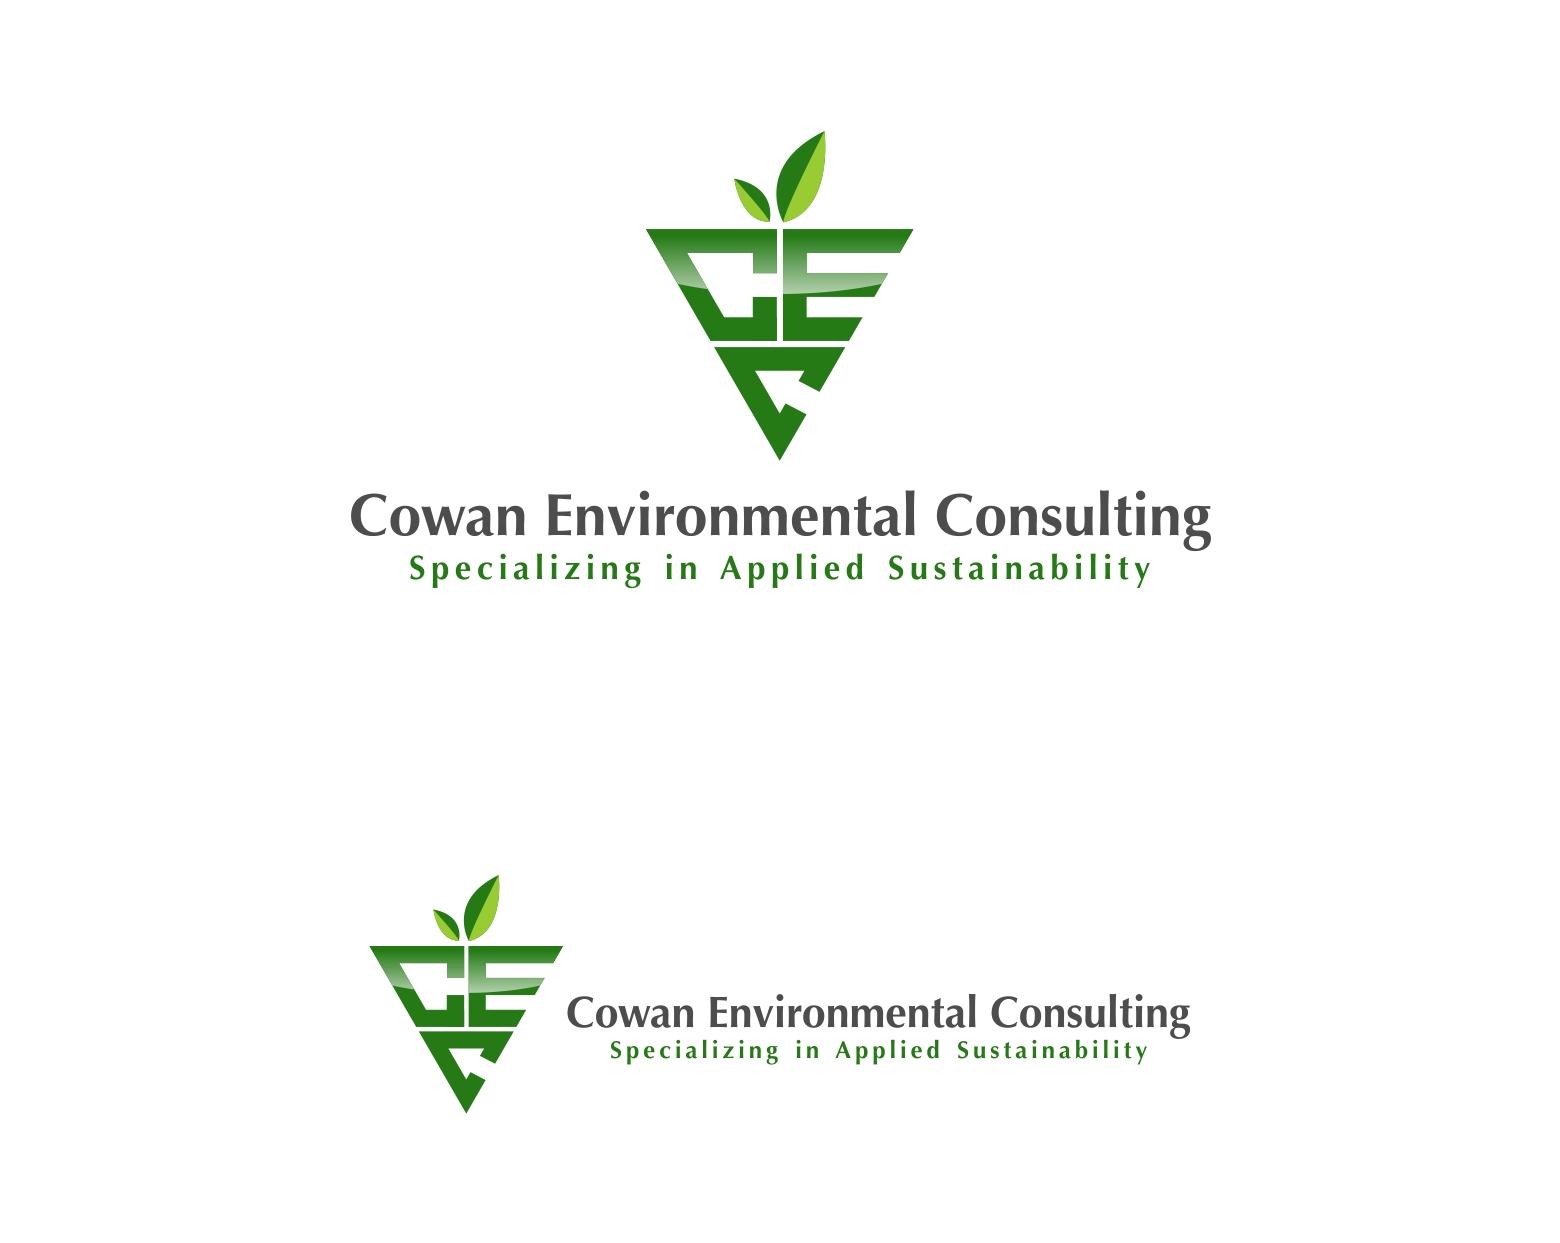 Logo Design by haidu - Entry No. 22 in the Logo Design Contest Fun Logo Design for Cowan Environmental Consulting.